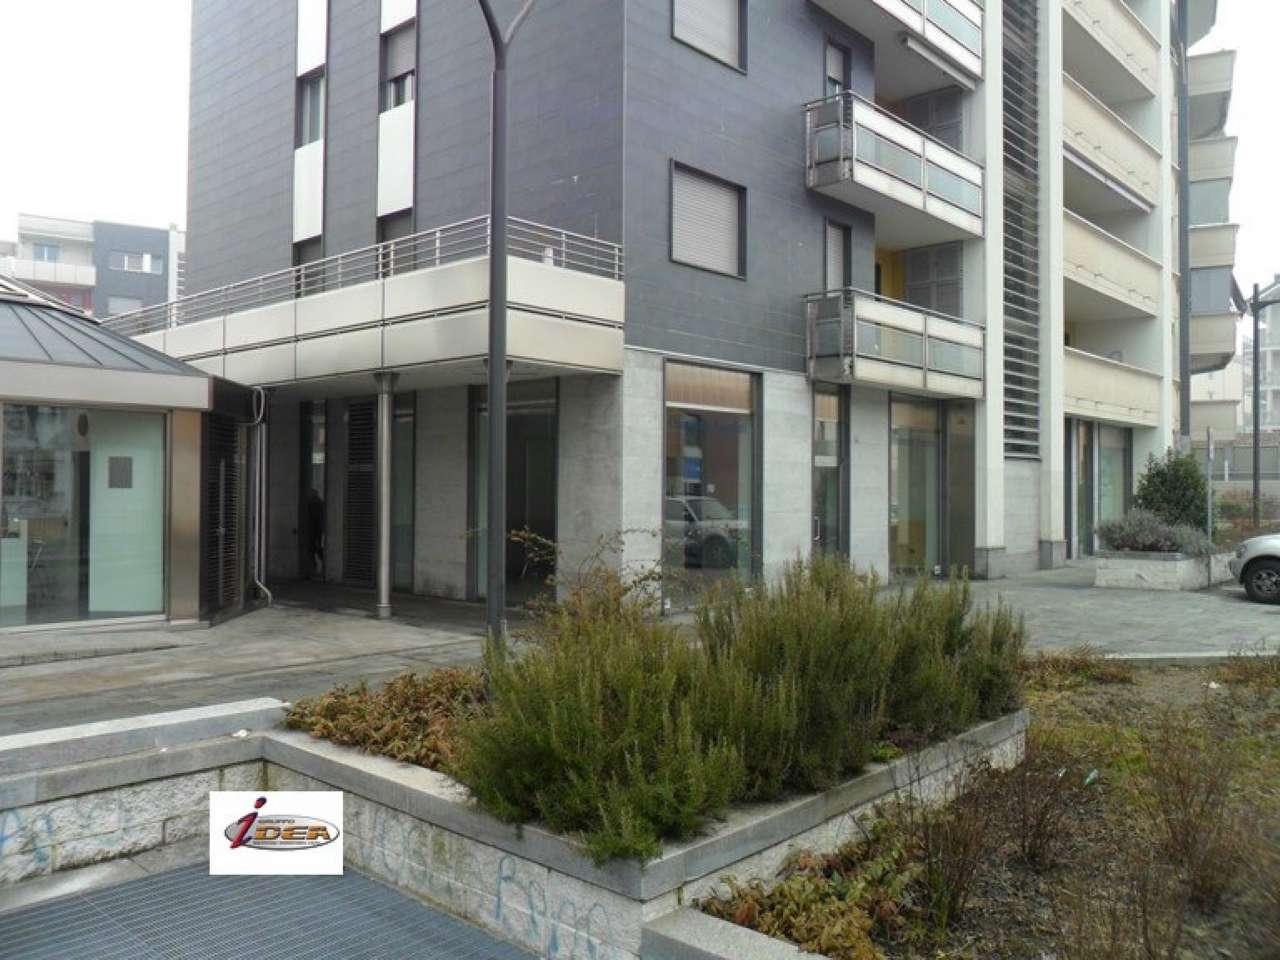 Negozio / Locale in vendita a Settimo Torinese, 2 locali, prezzo € 135.000 | Cambio Casa.it